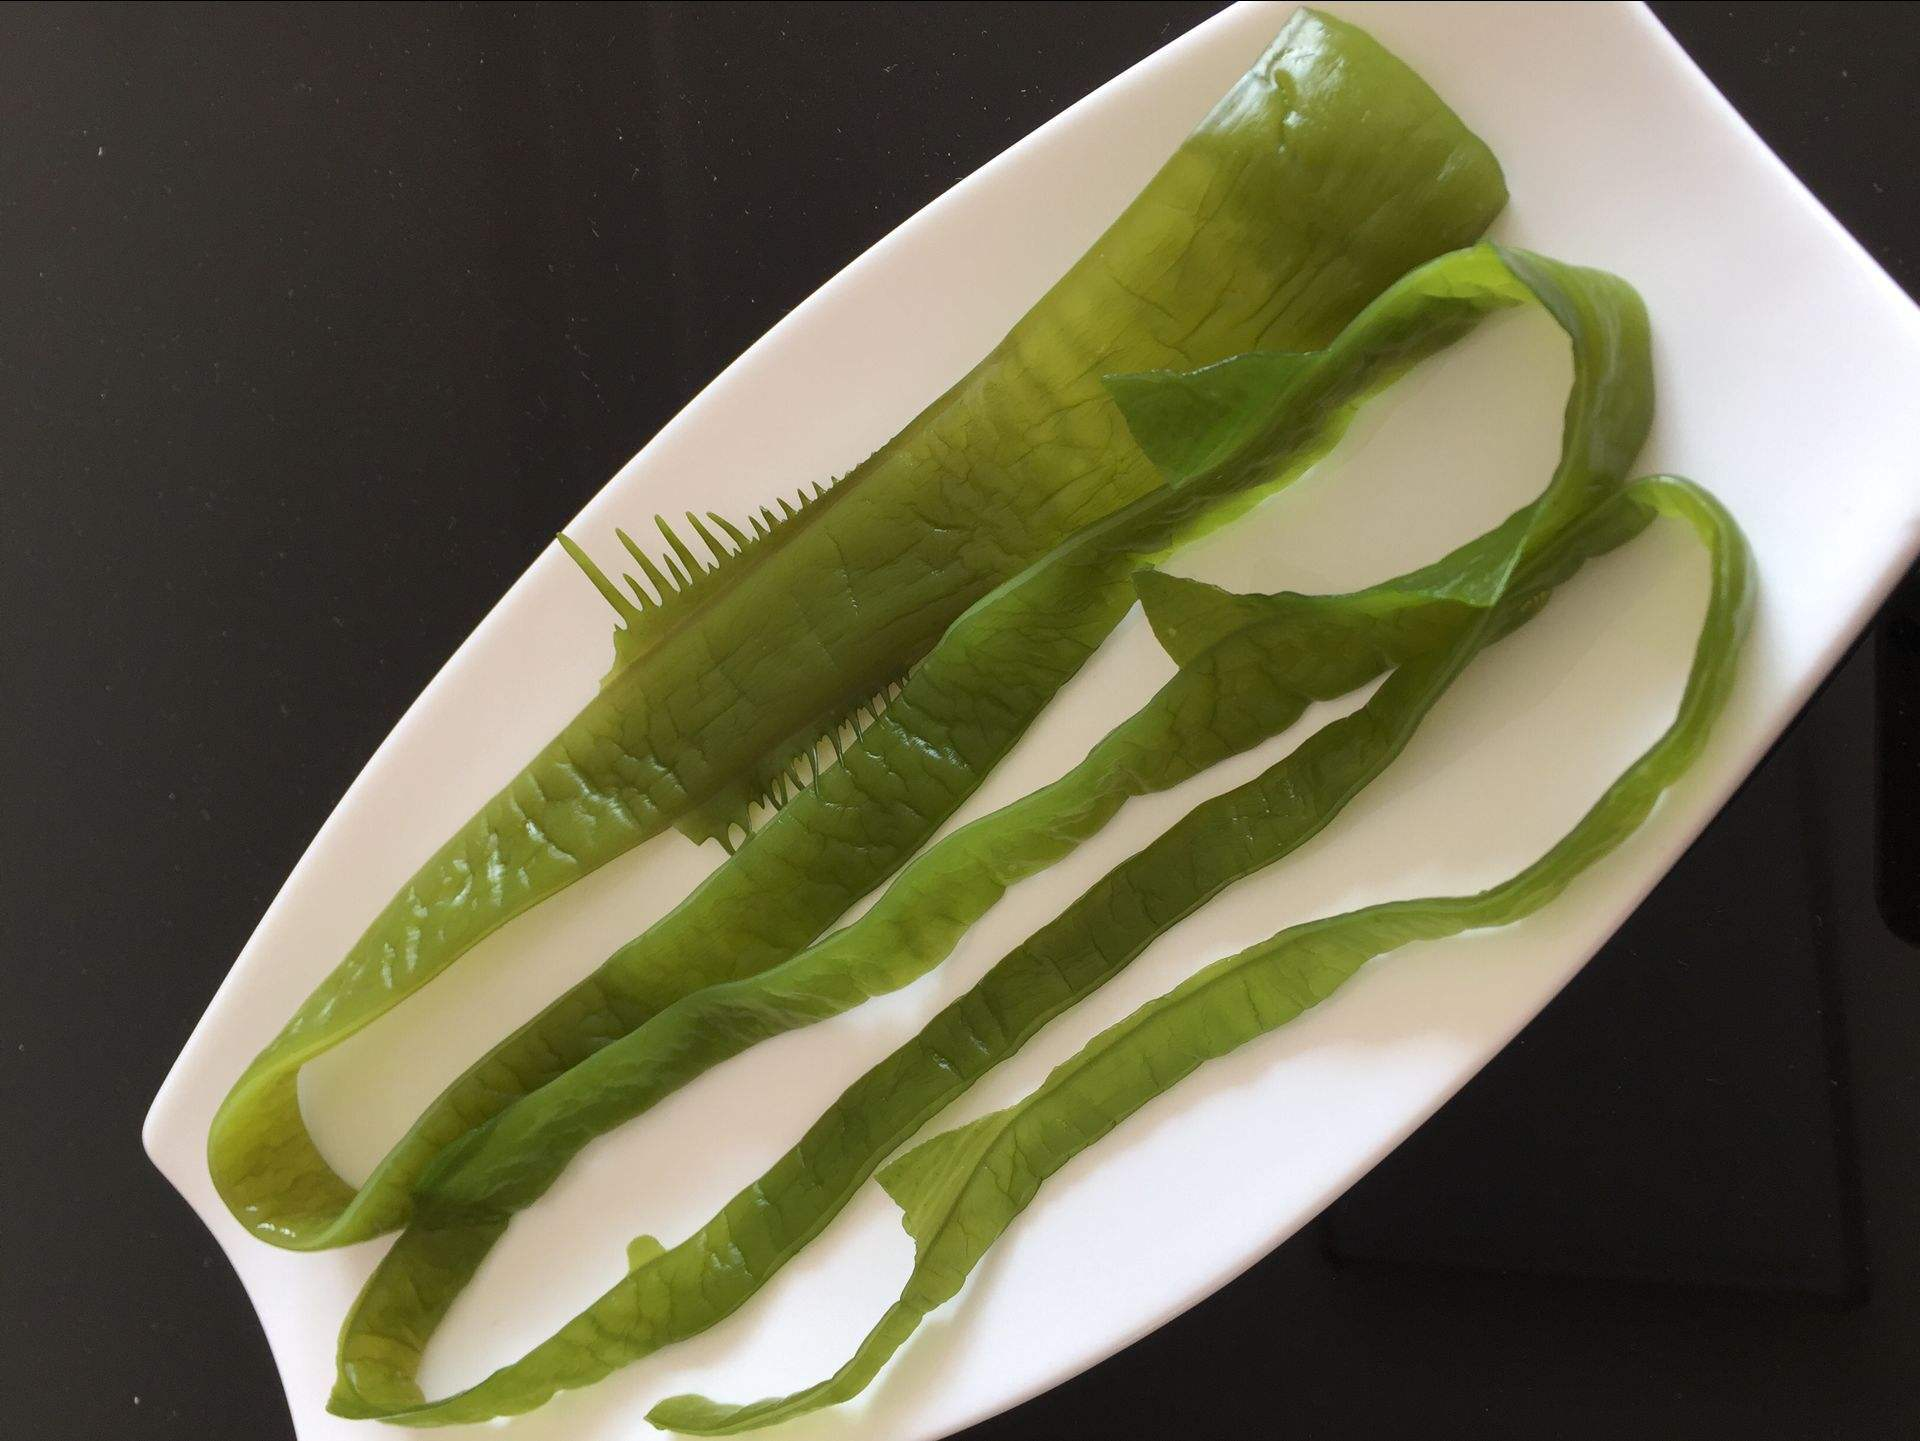 海白菜的细胞呈现多角形,叶绿体片状。其为两层细胞组成的膜状体,高大约10-30CM。在海白菜的基部没有柄,有像盘状的用于固定的触角,其是由基部两层细胞间向下延伸而出的。其繁殖方式可以无性生殖也可有性生殖,孢子体与配子体形世代交替。其主要生活于中、低潮间带岩石上或石沼中。在我们中国,主要以东海、南海较为常见,其果肉可食用也可作饵料。   海白菜和海带的区别   1、海白菜学名石莼,为藻类植物科孔石莼的藻体,又名海菠菜、海莴苣、海条、青苔菜、裙带菜等。藻体碧绿色,单独或丛生,高1014 厘米,形体常有